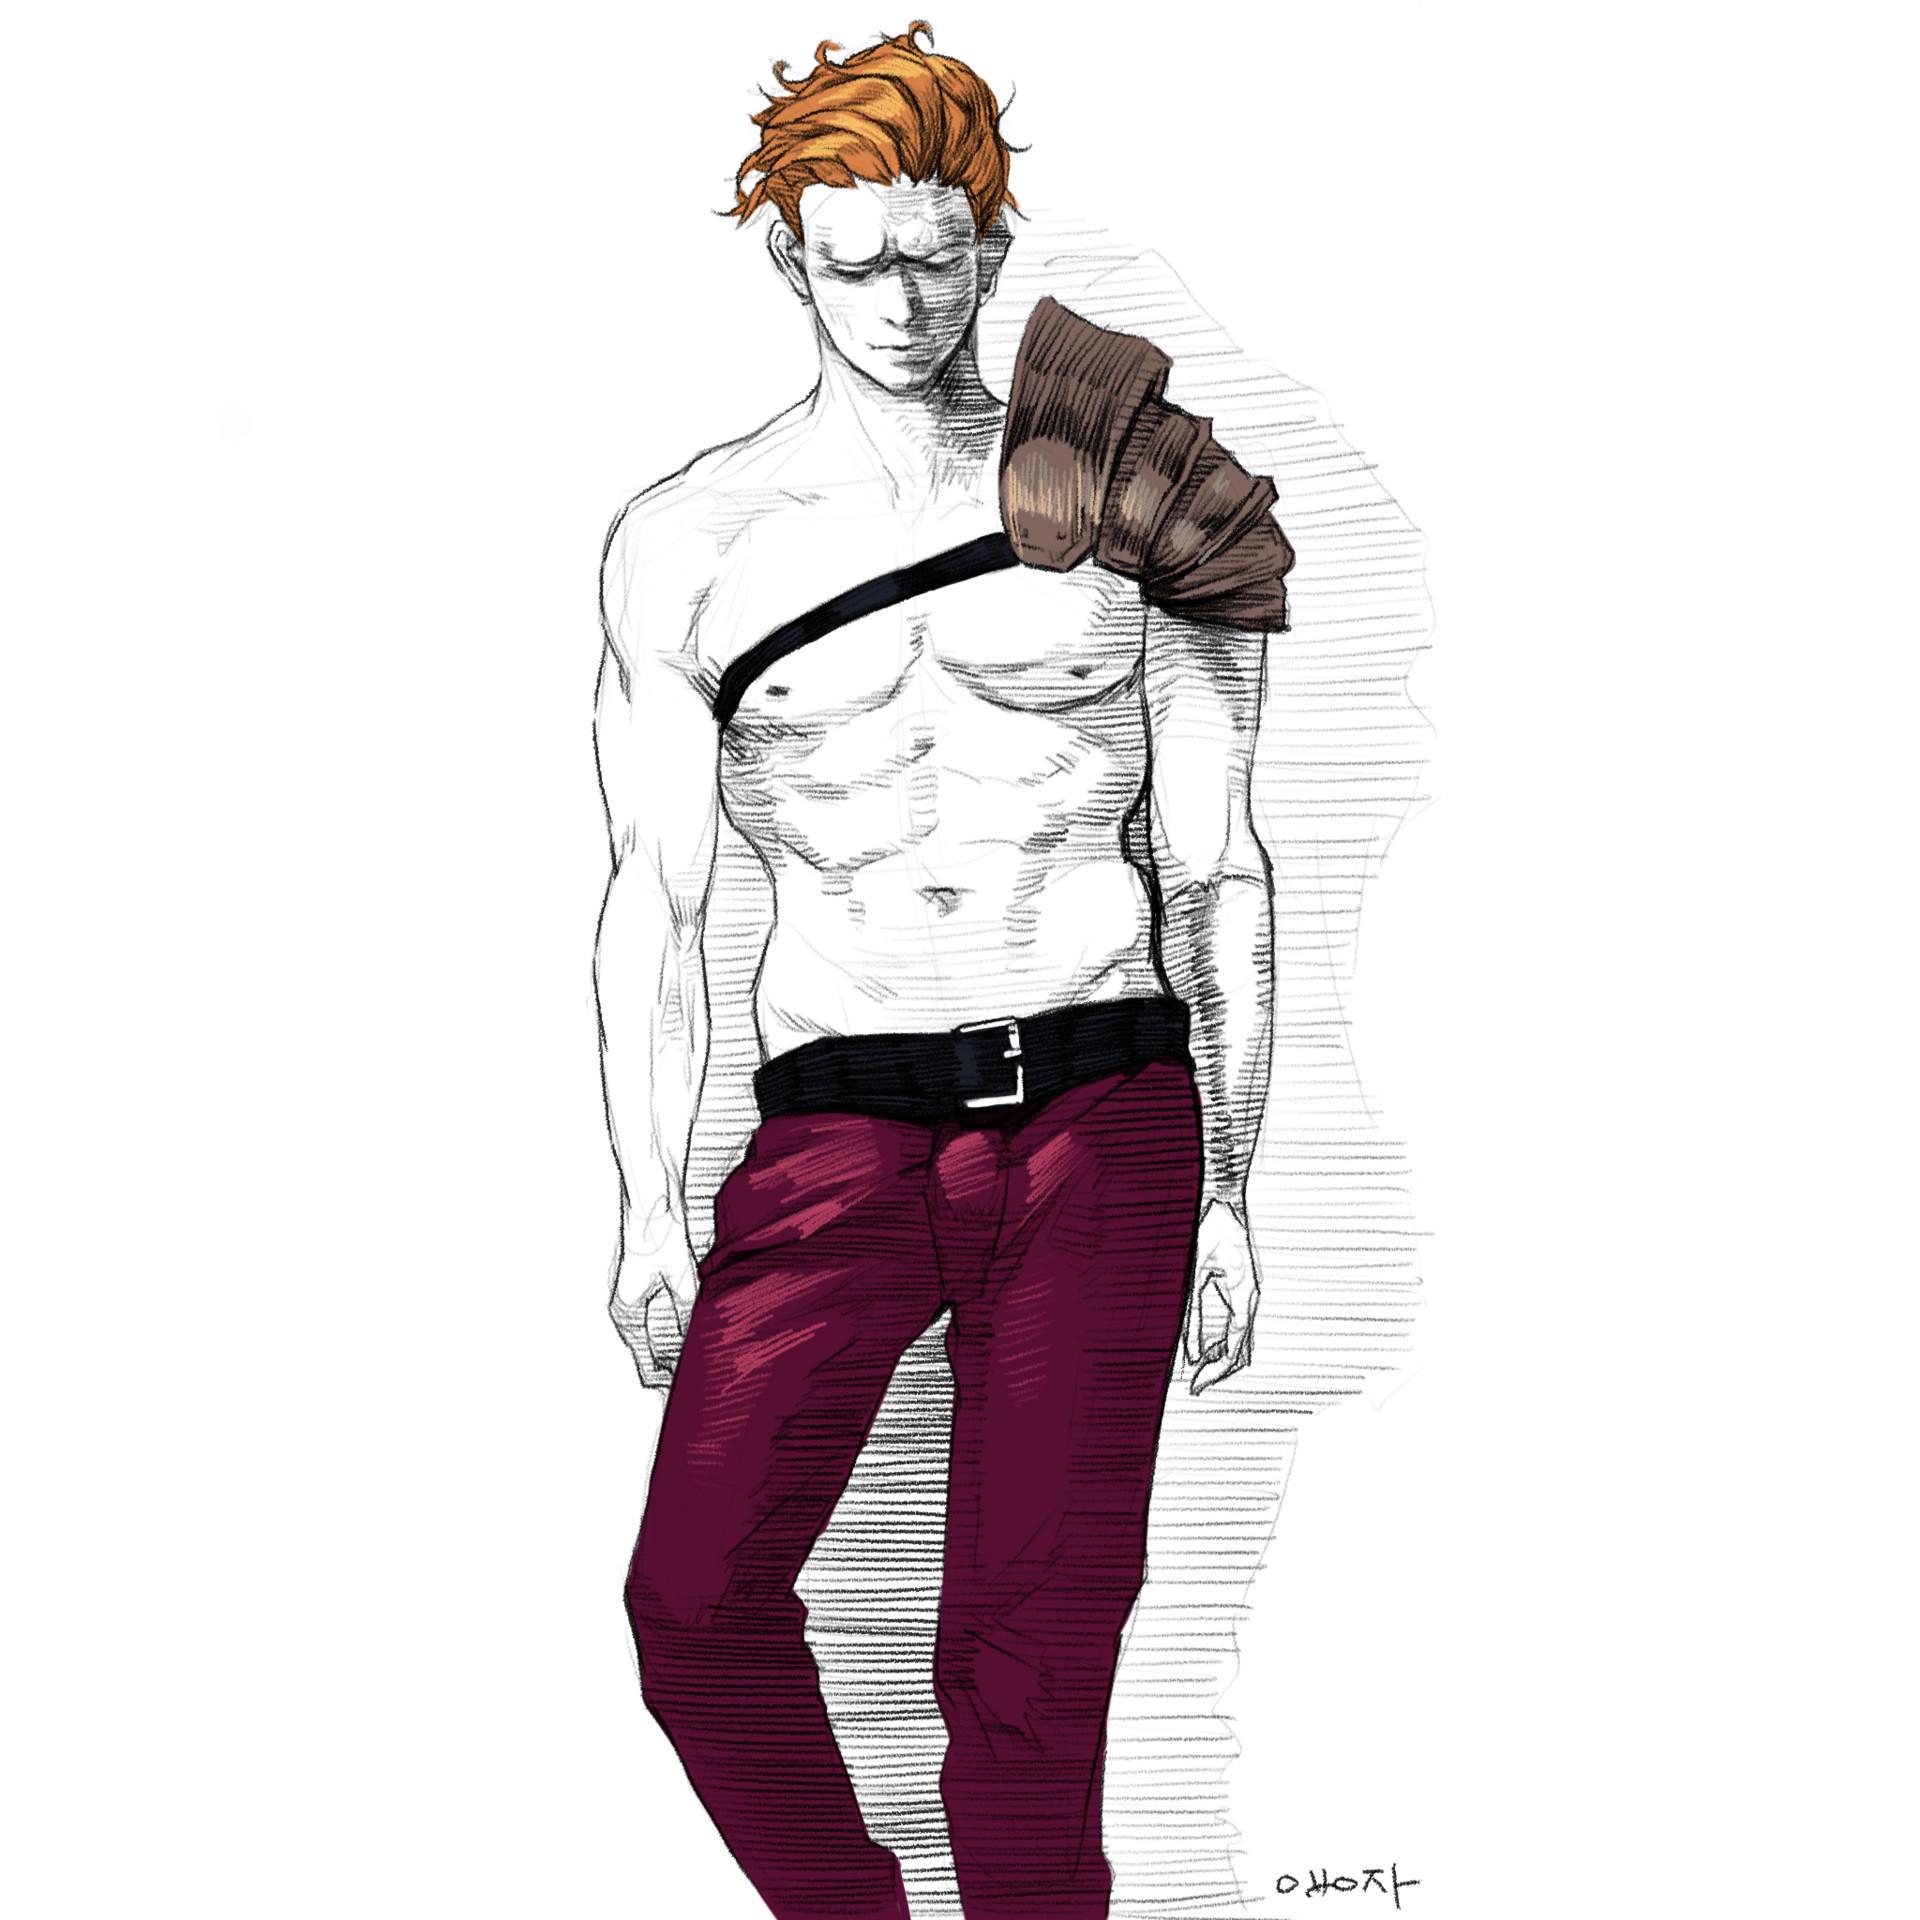 原画插画-人体速写光影肤色律动的曲线肢体语言作品原画插画线稿186P(21)